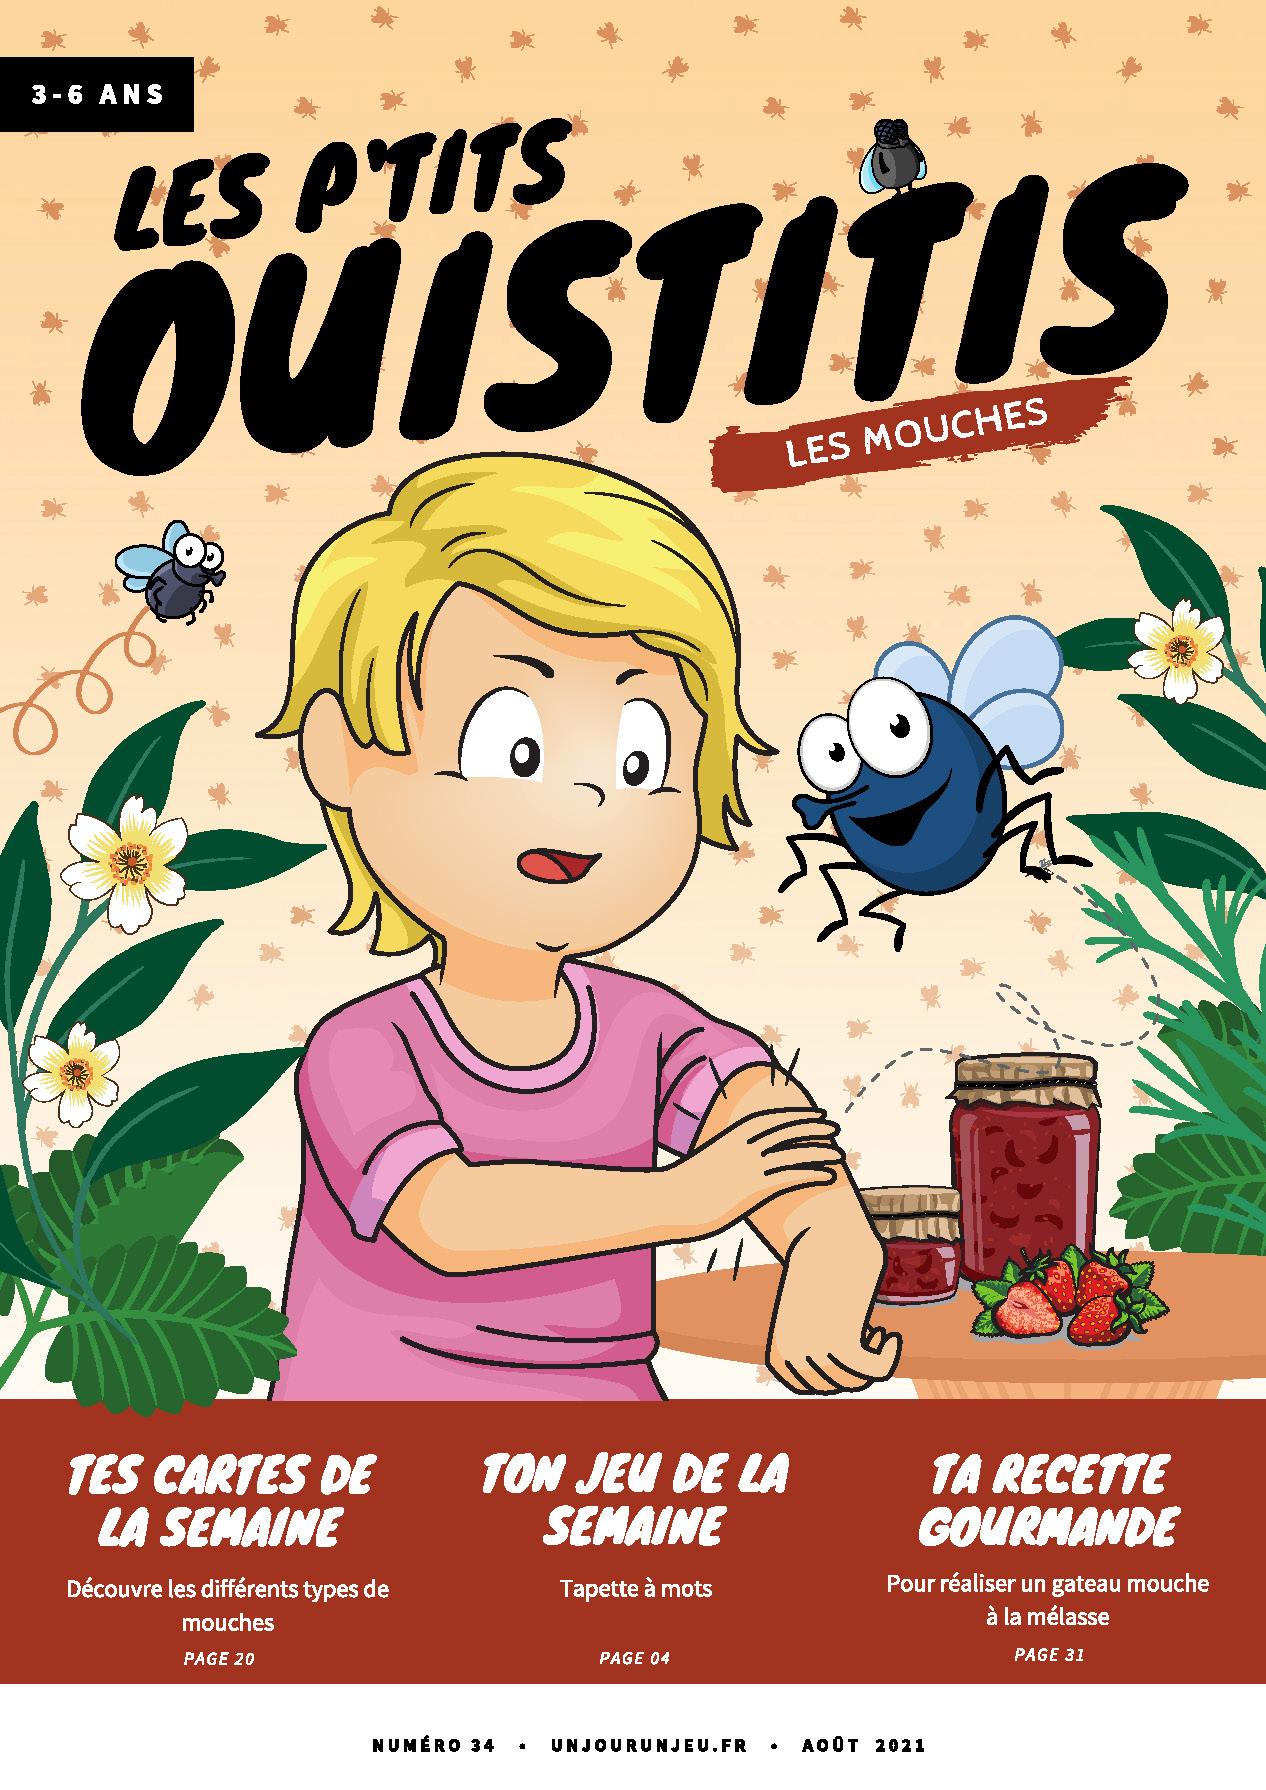 Les P'tits Ouistitis et les mouches